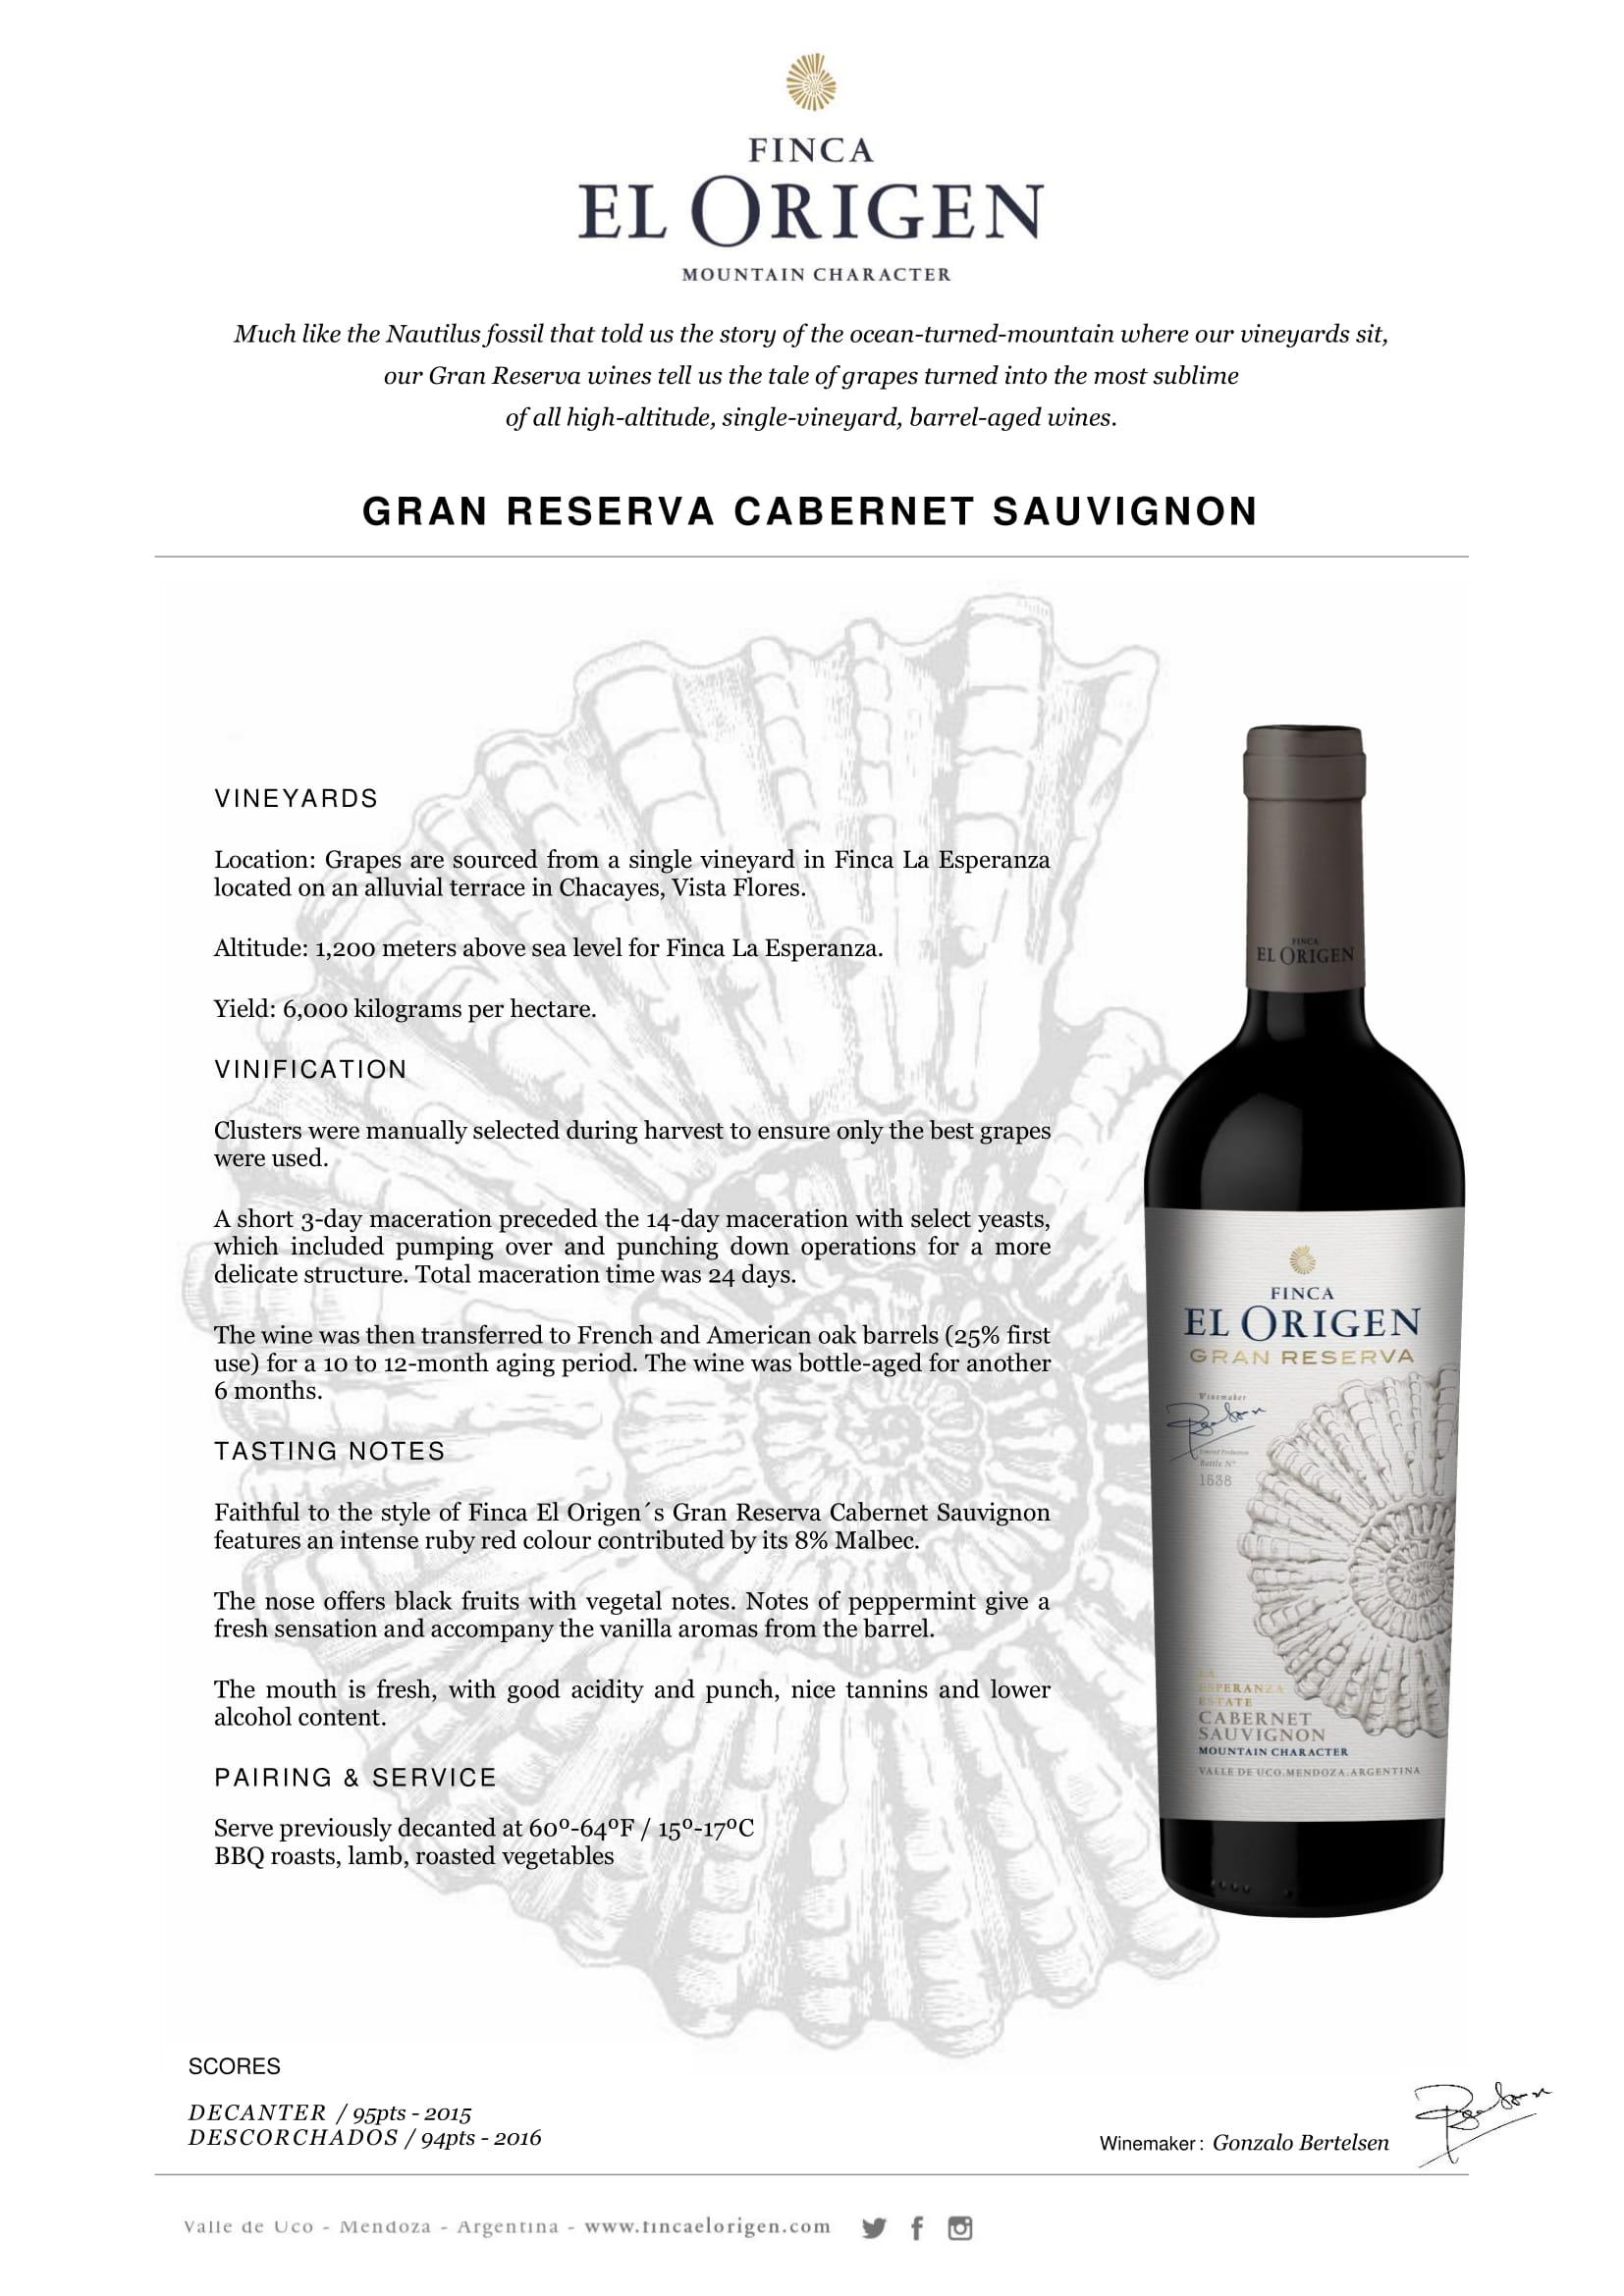 Finca El Origen Gran Reserva Cabernet Sauvignon Tech Sheet